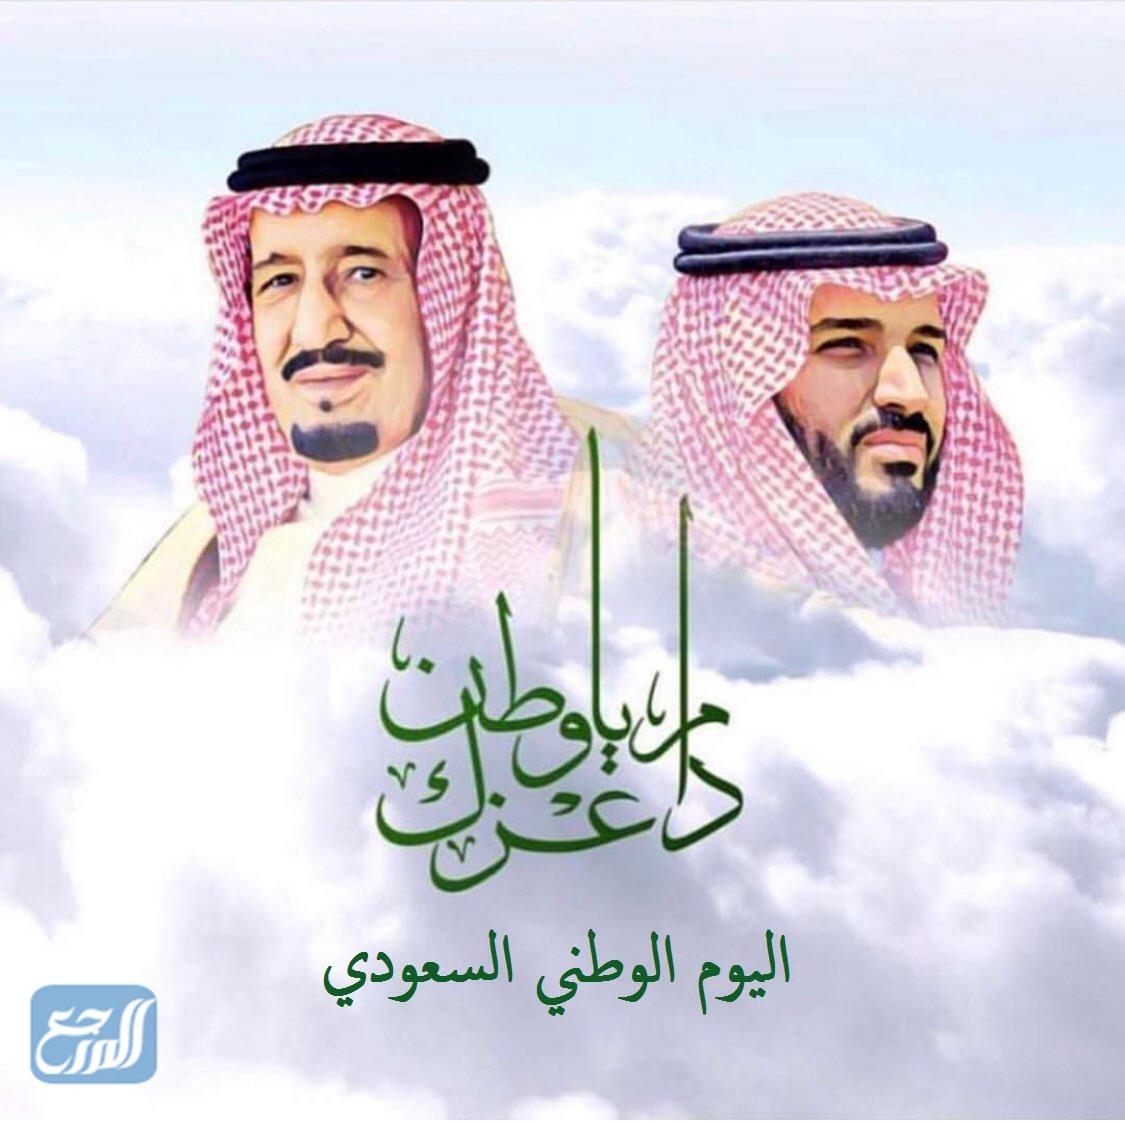 أفخم الصور للملك سلمان ومحمد بن سلمان